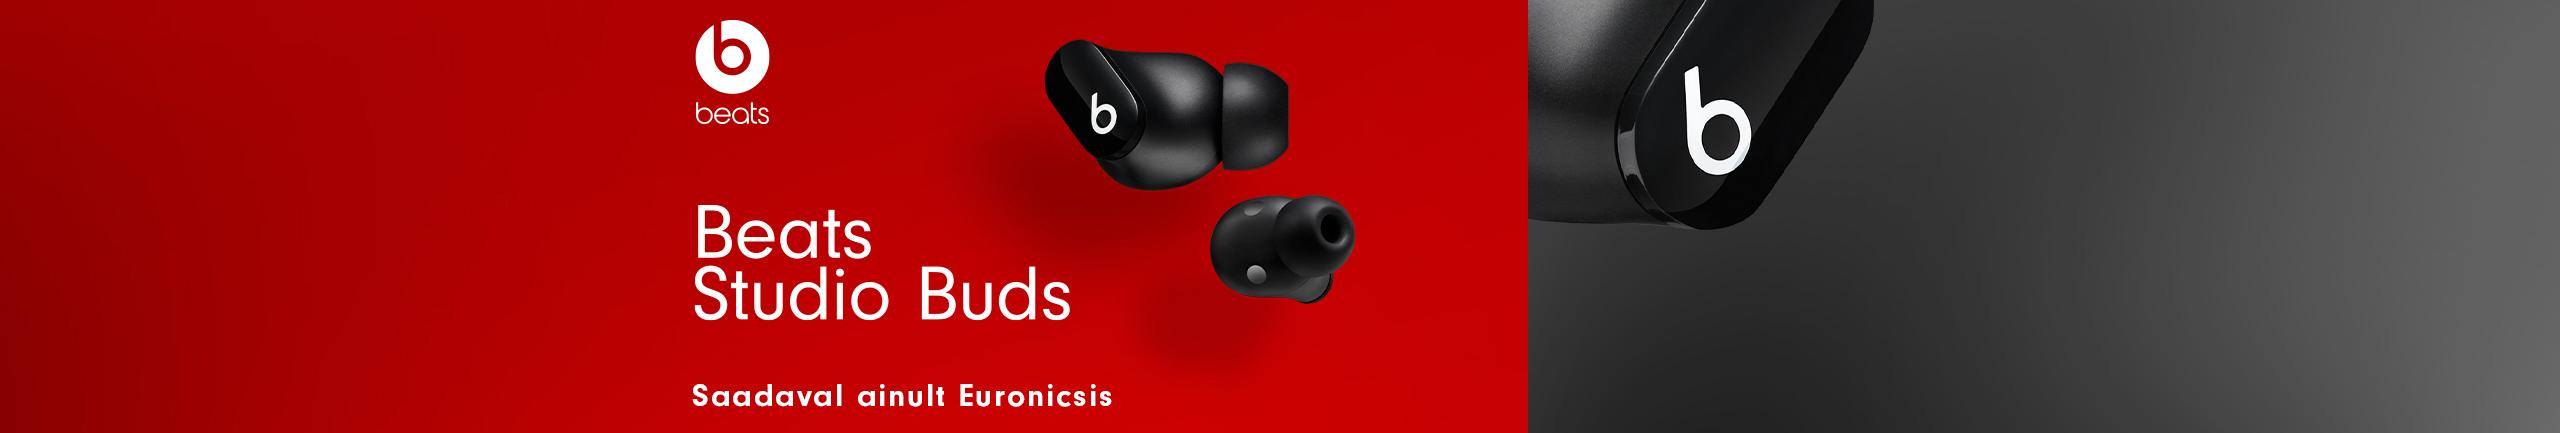 FPS Beats Studio headphones launch